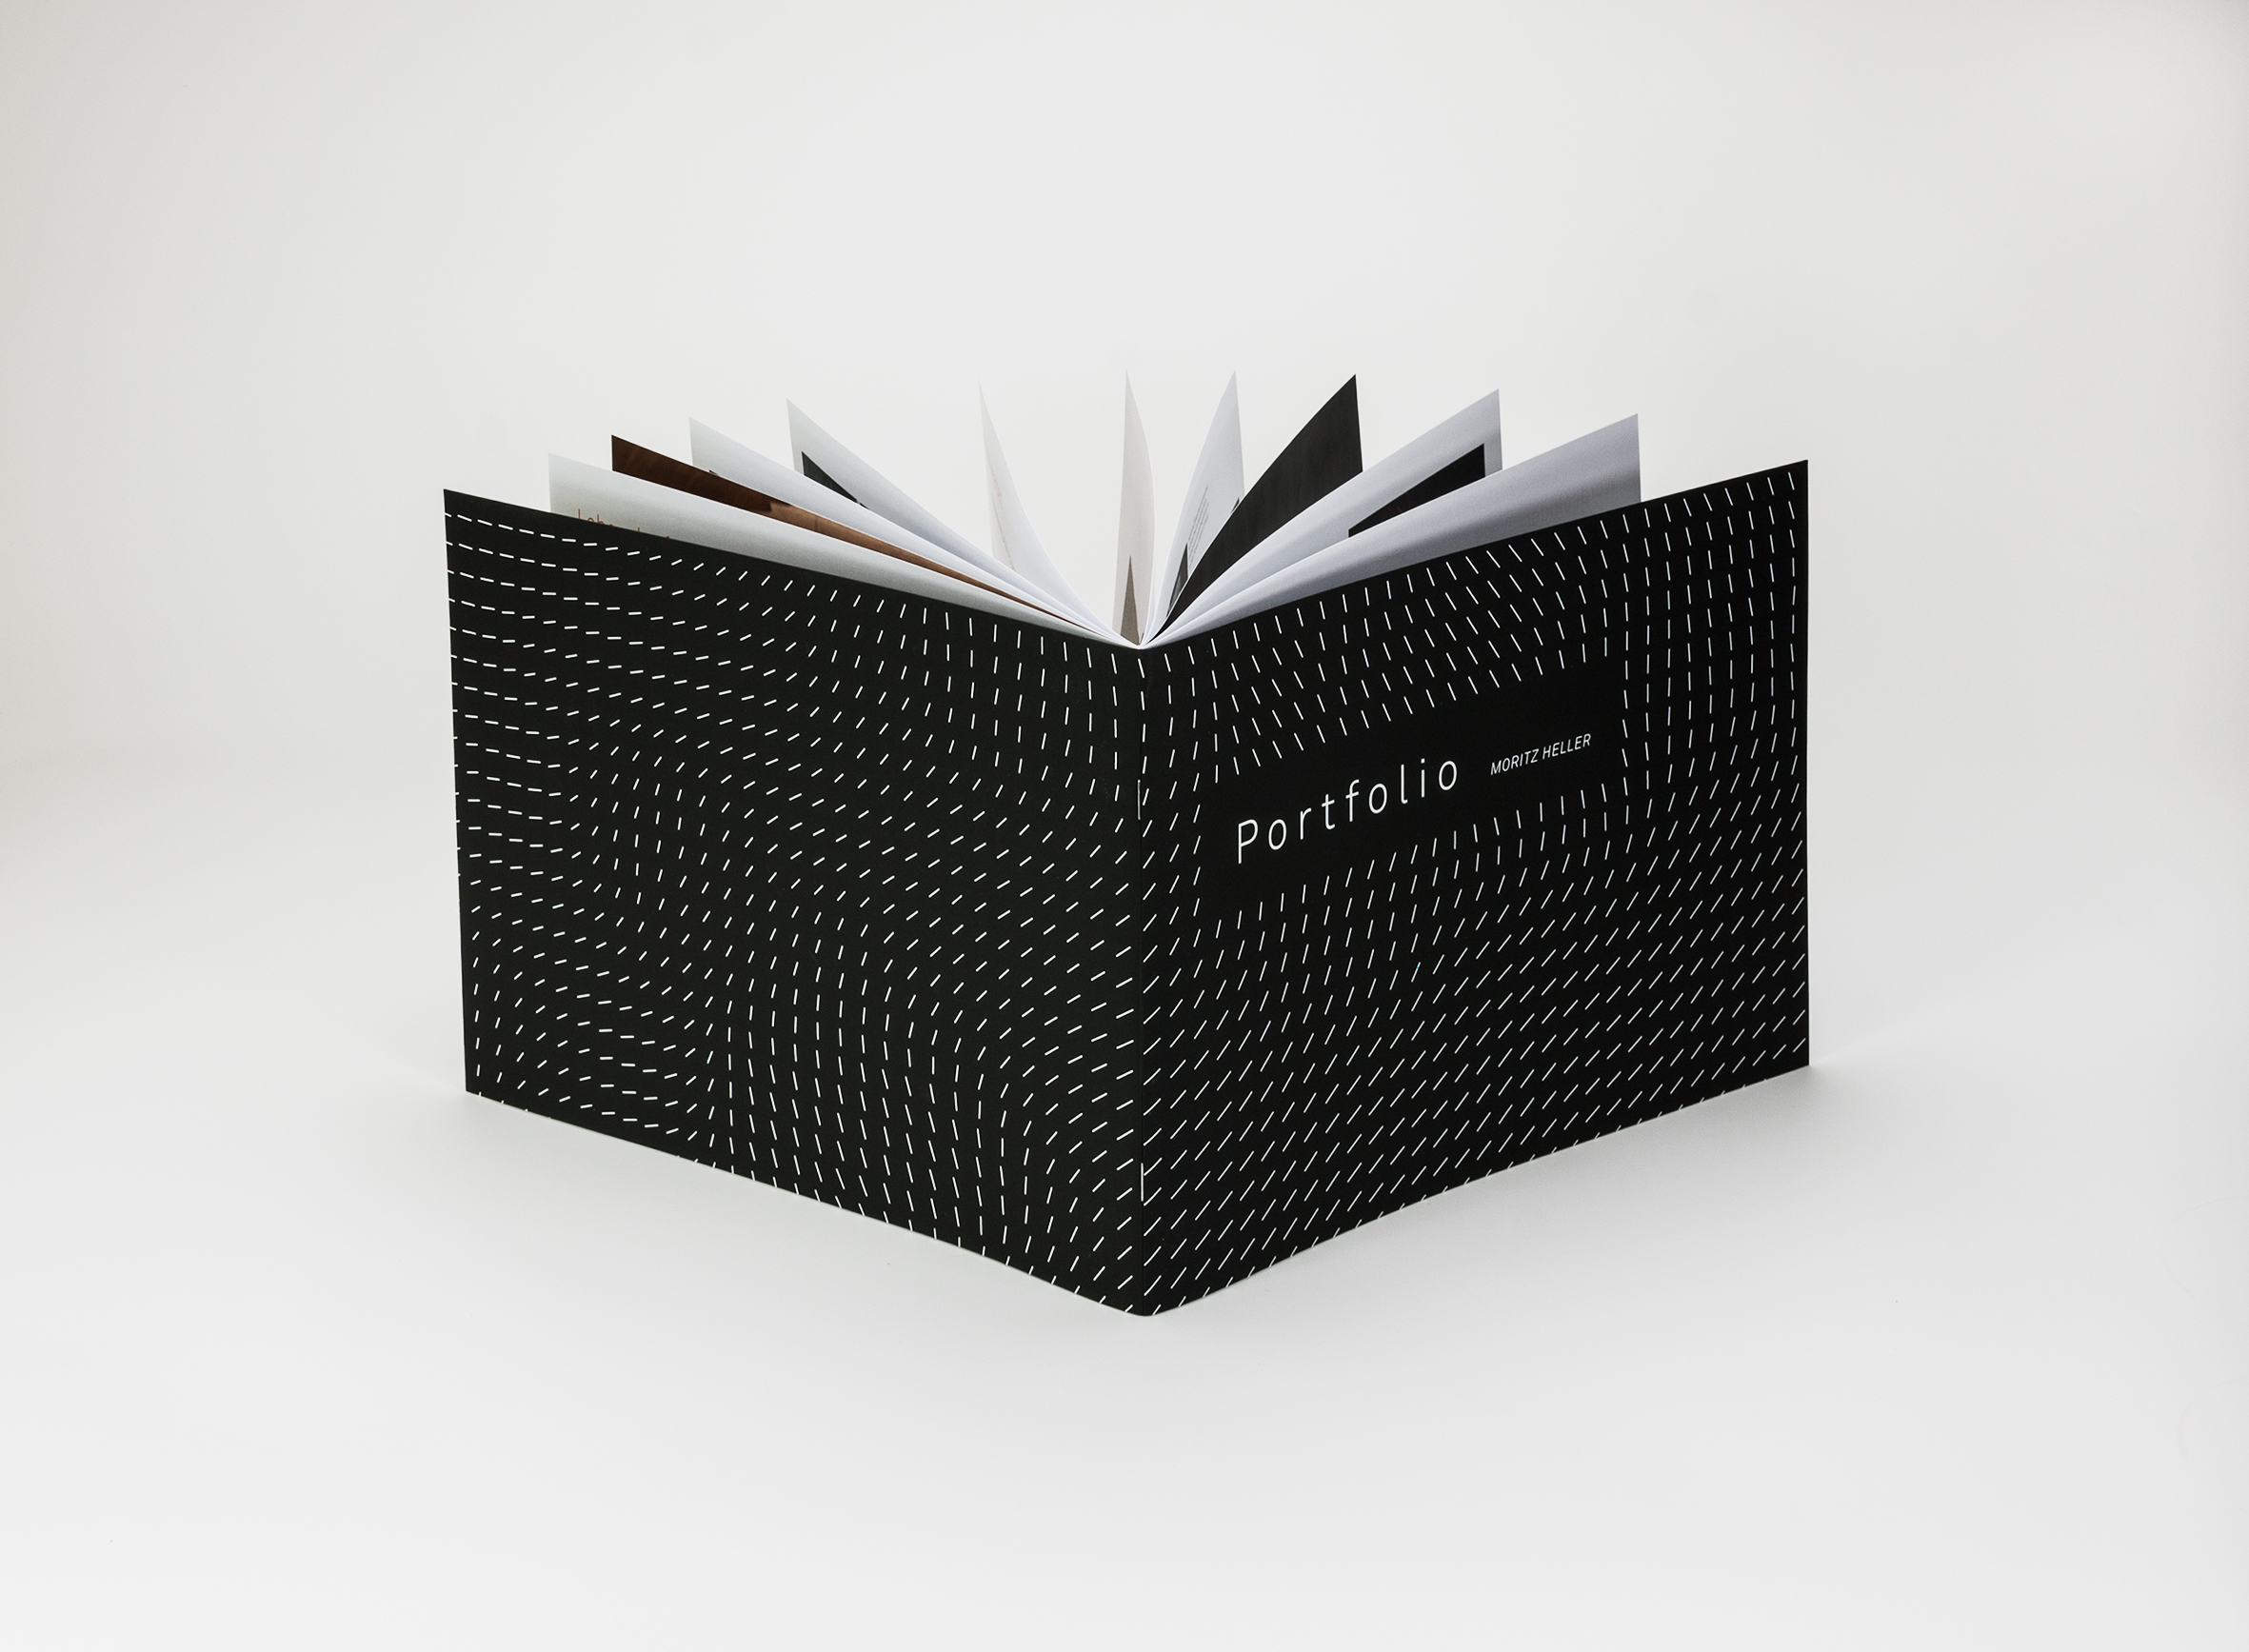 edle brosch re mit mattschwarzem umschlag tipps tricks und ideen aus dem blog. Black Bedroom Furniture Sets. Home Design Ideas